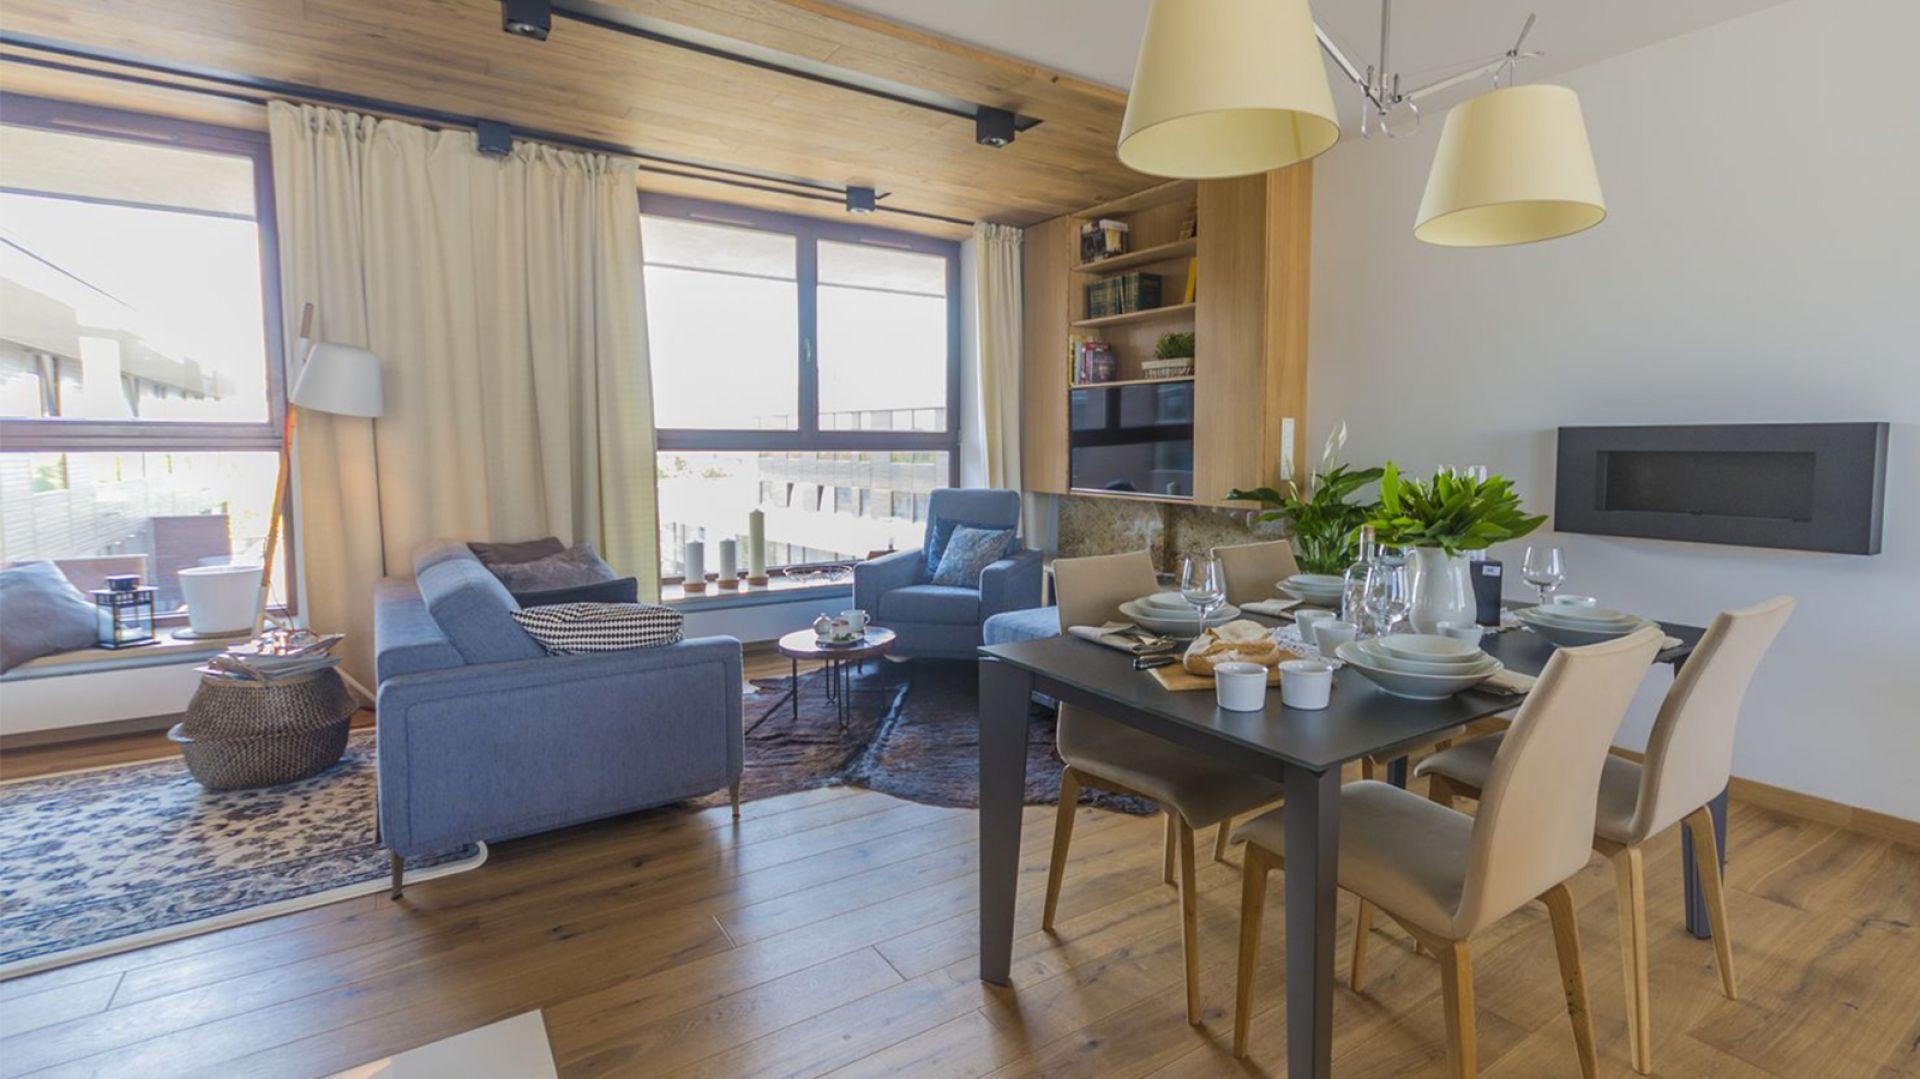 Mieszkanie zlokalizowane w Łodzi zostało zaprojektowane w delikatnej, skandynawskiej kolorystyce. Projekt: TWORZYWO studio i Paulina Kałużna. Fot. Jacek Gadaj